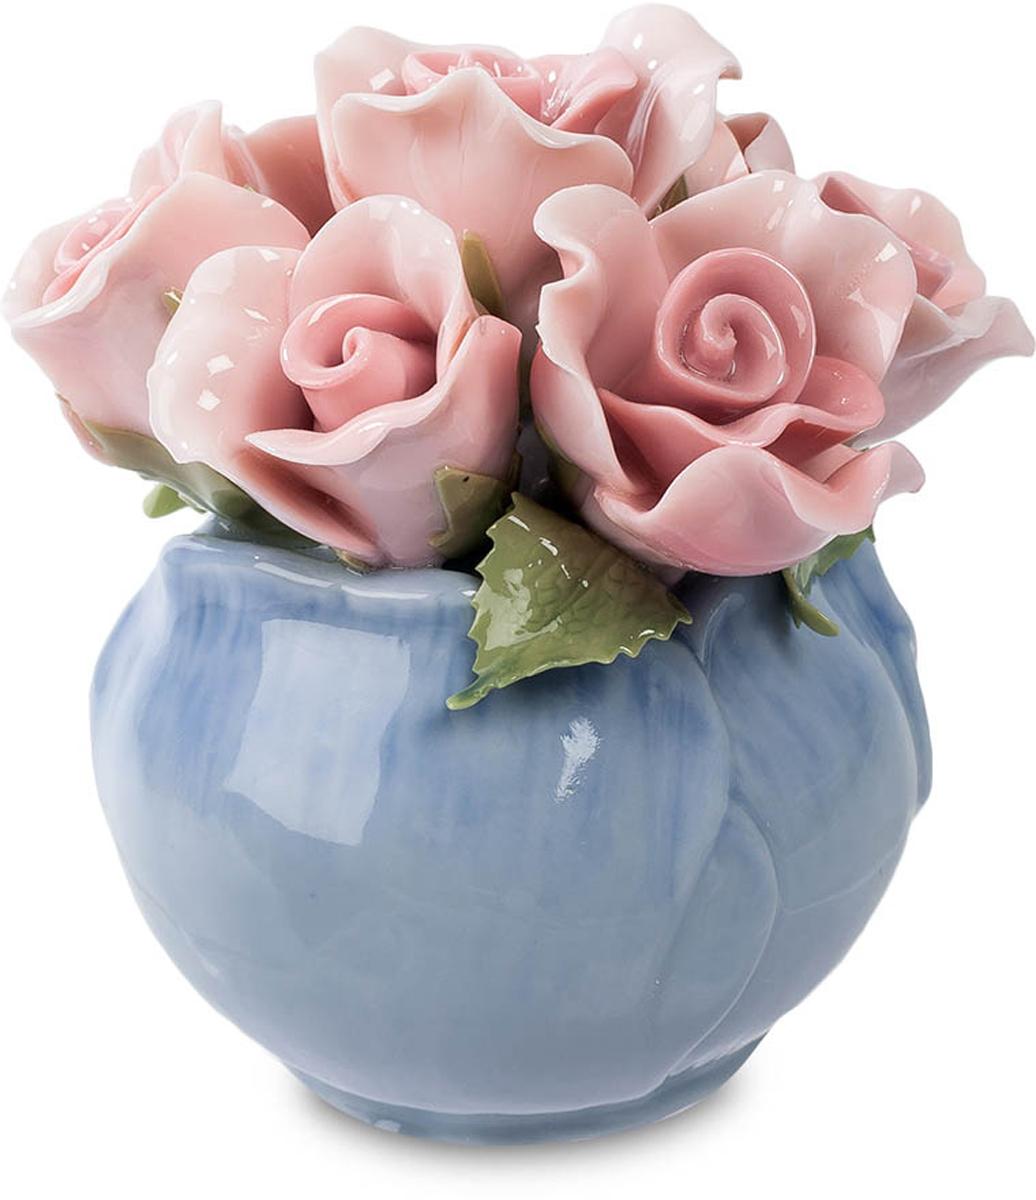 Композиция Pavone Розы. CMS-33/28CMS-33/28Композиция Розы (Pavone) Ваза оригинальной формы, как будто составленная из нежных лепестков синего цветка, вмещает в себе букет классических розового цвета цветков розы с зелеными листиками. Розочки кажутся живыми – настолько тонкие у них лепестки. Даже не верится, что они изготовлены из фарфора – насколько же высоко мастерство создавших эту композицию художников! Этот миниатюрный букетик хорош не только своей нежной красотой, но и тем, что фарфоровые цветы никогда не завянут и даже годы спустя сохранят этот удивительный свежий вид. Подарите живой букет роз в знак искренней любви и эту композицию – на долгую память!